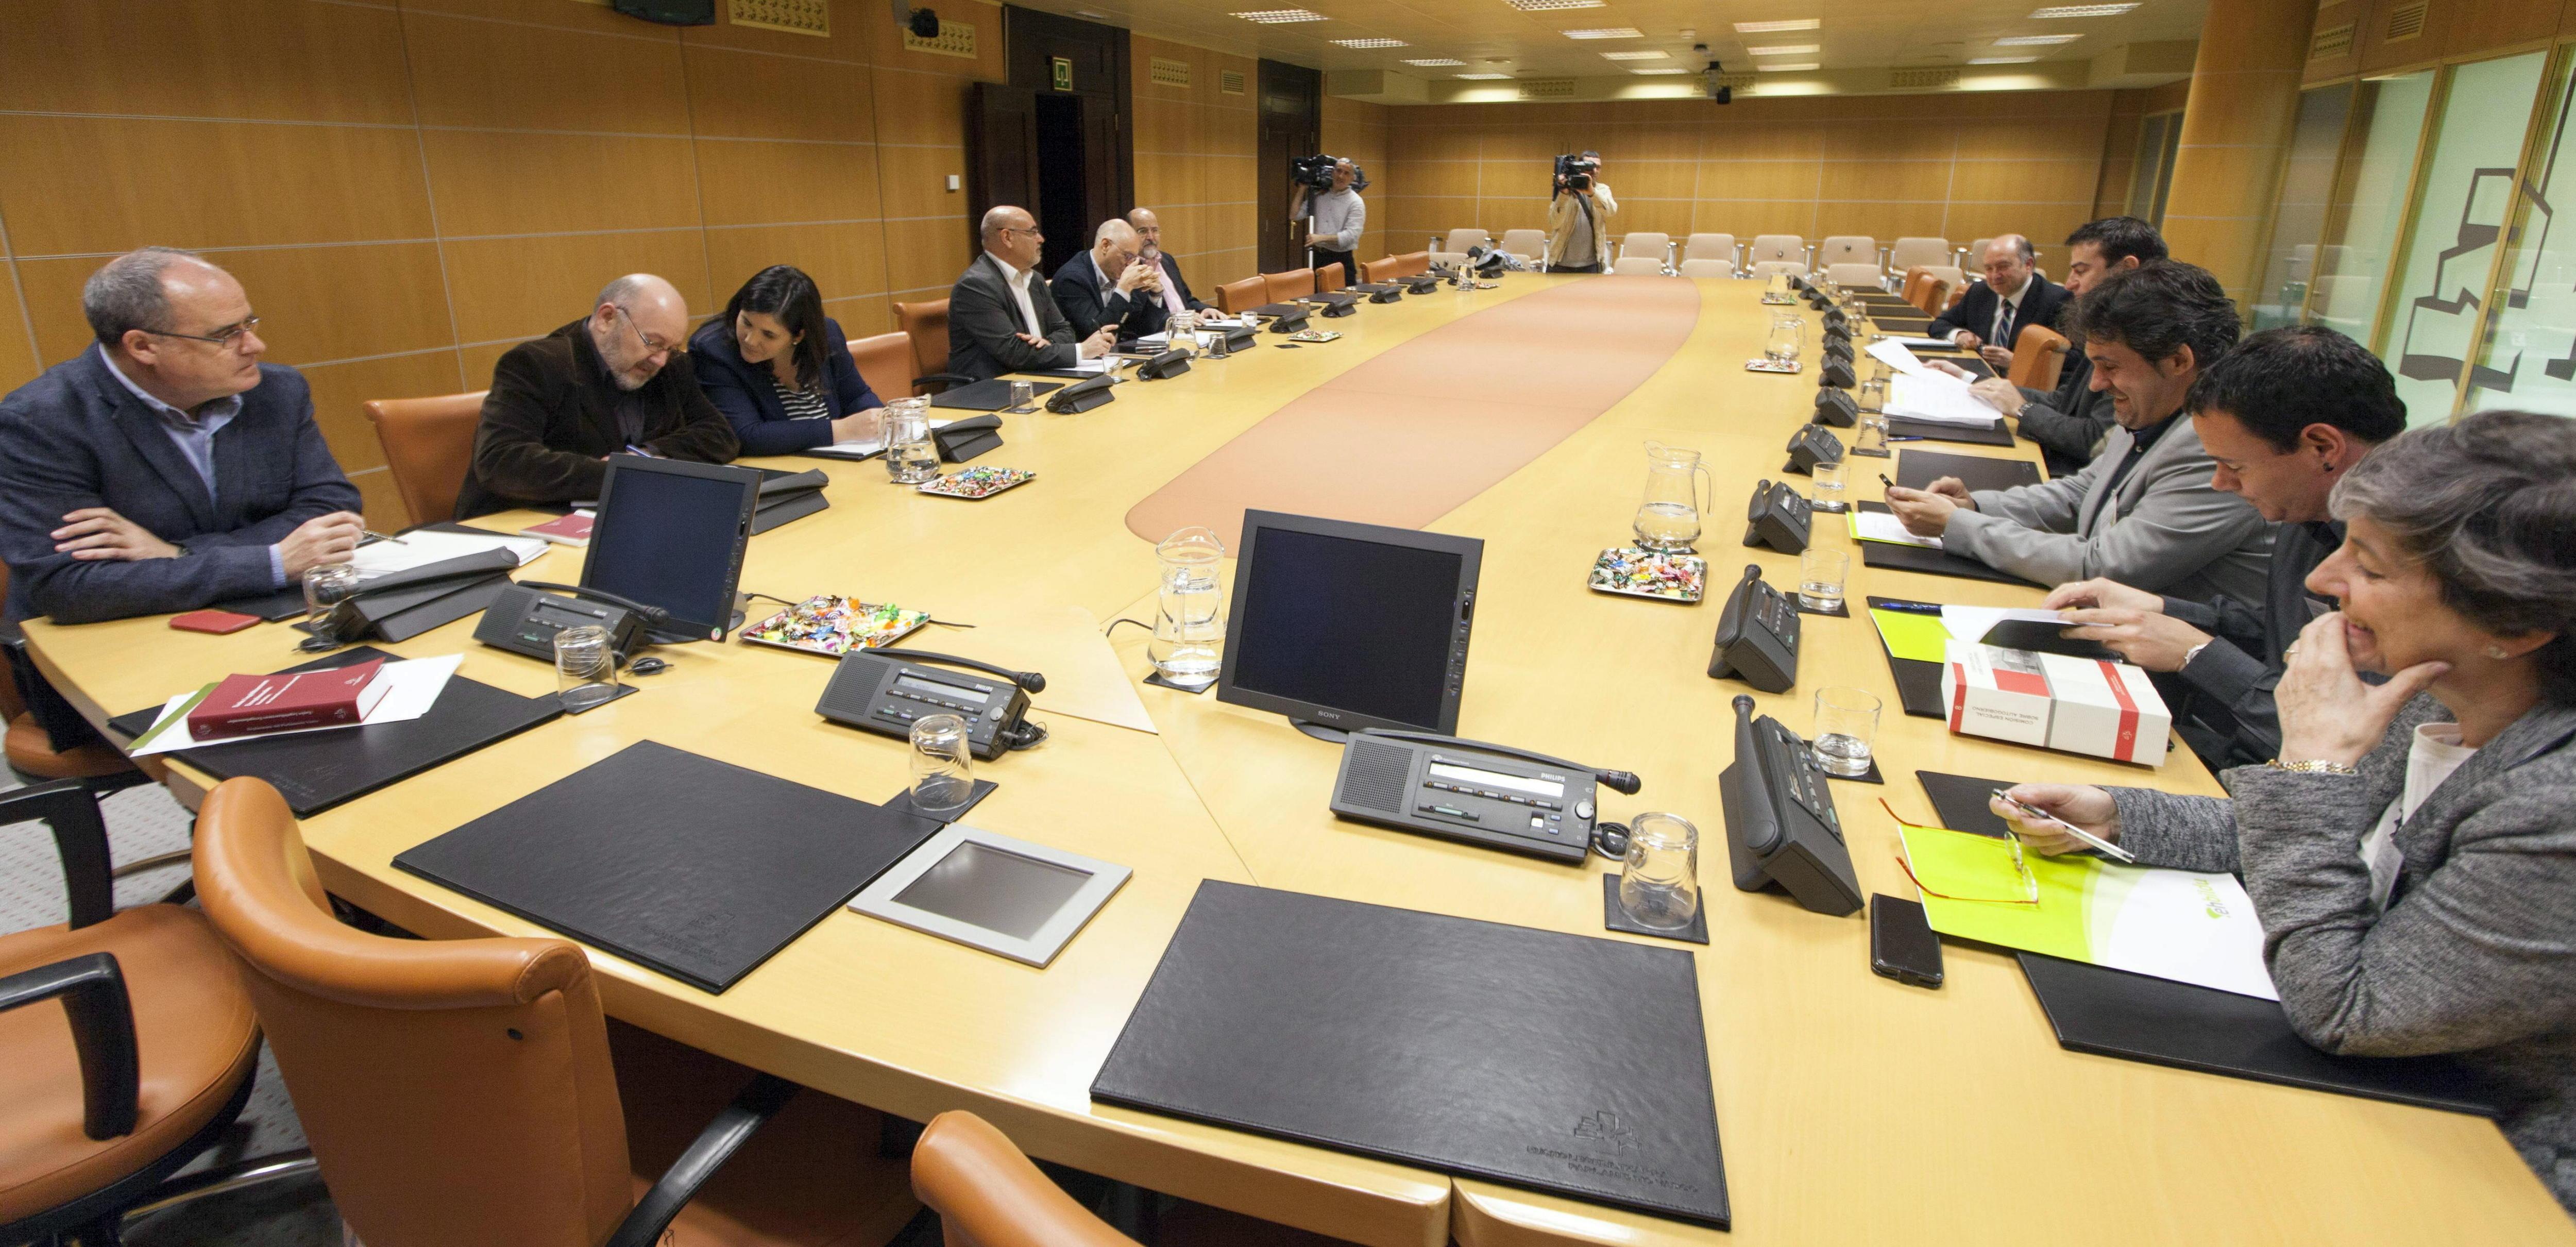 El PNV solicitará un estudio económico de la independencia y la dependencia